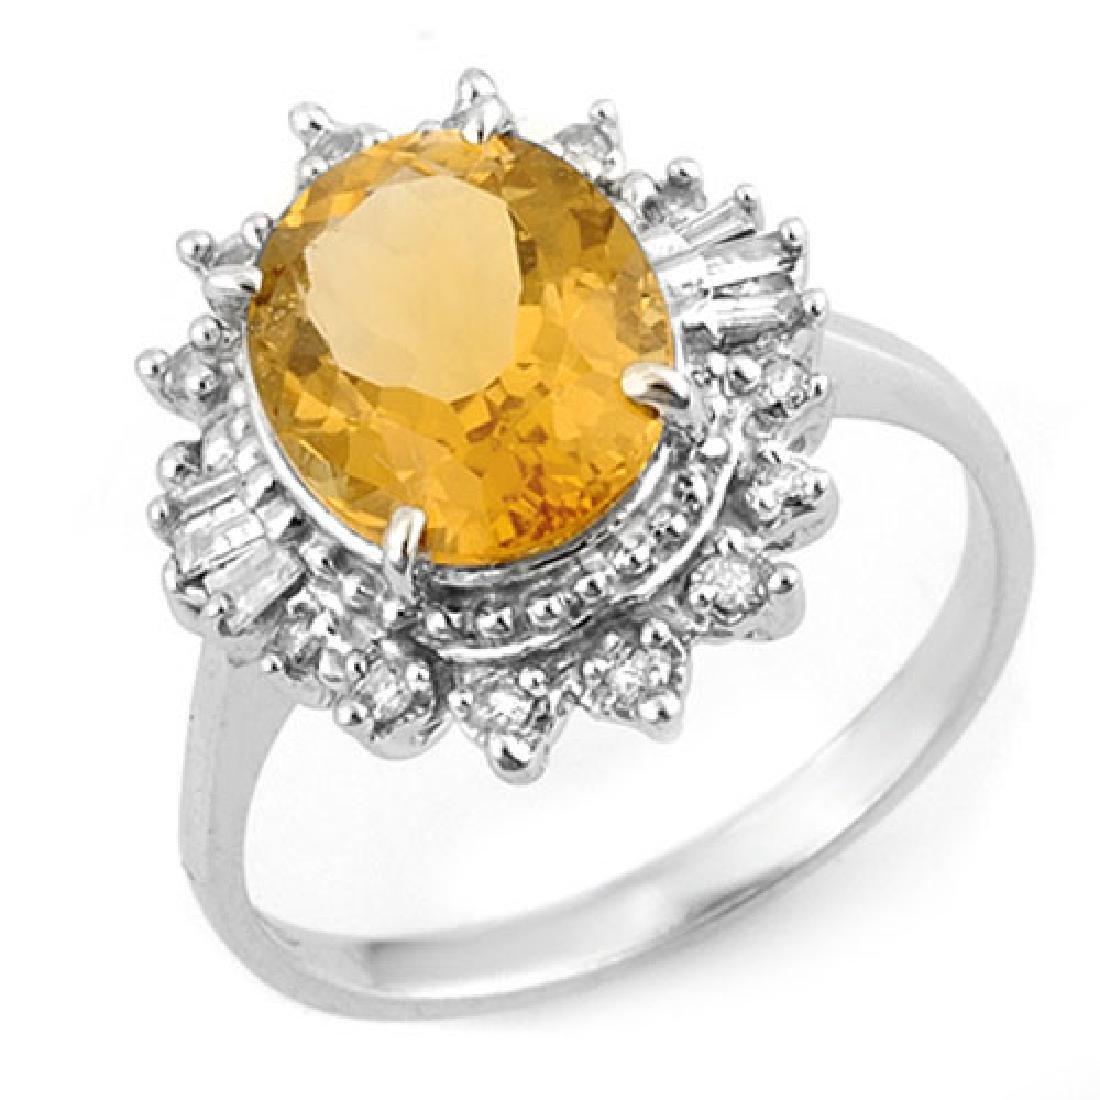 3.45 CTW Citrine & Diamond Ring 10K White Gold